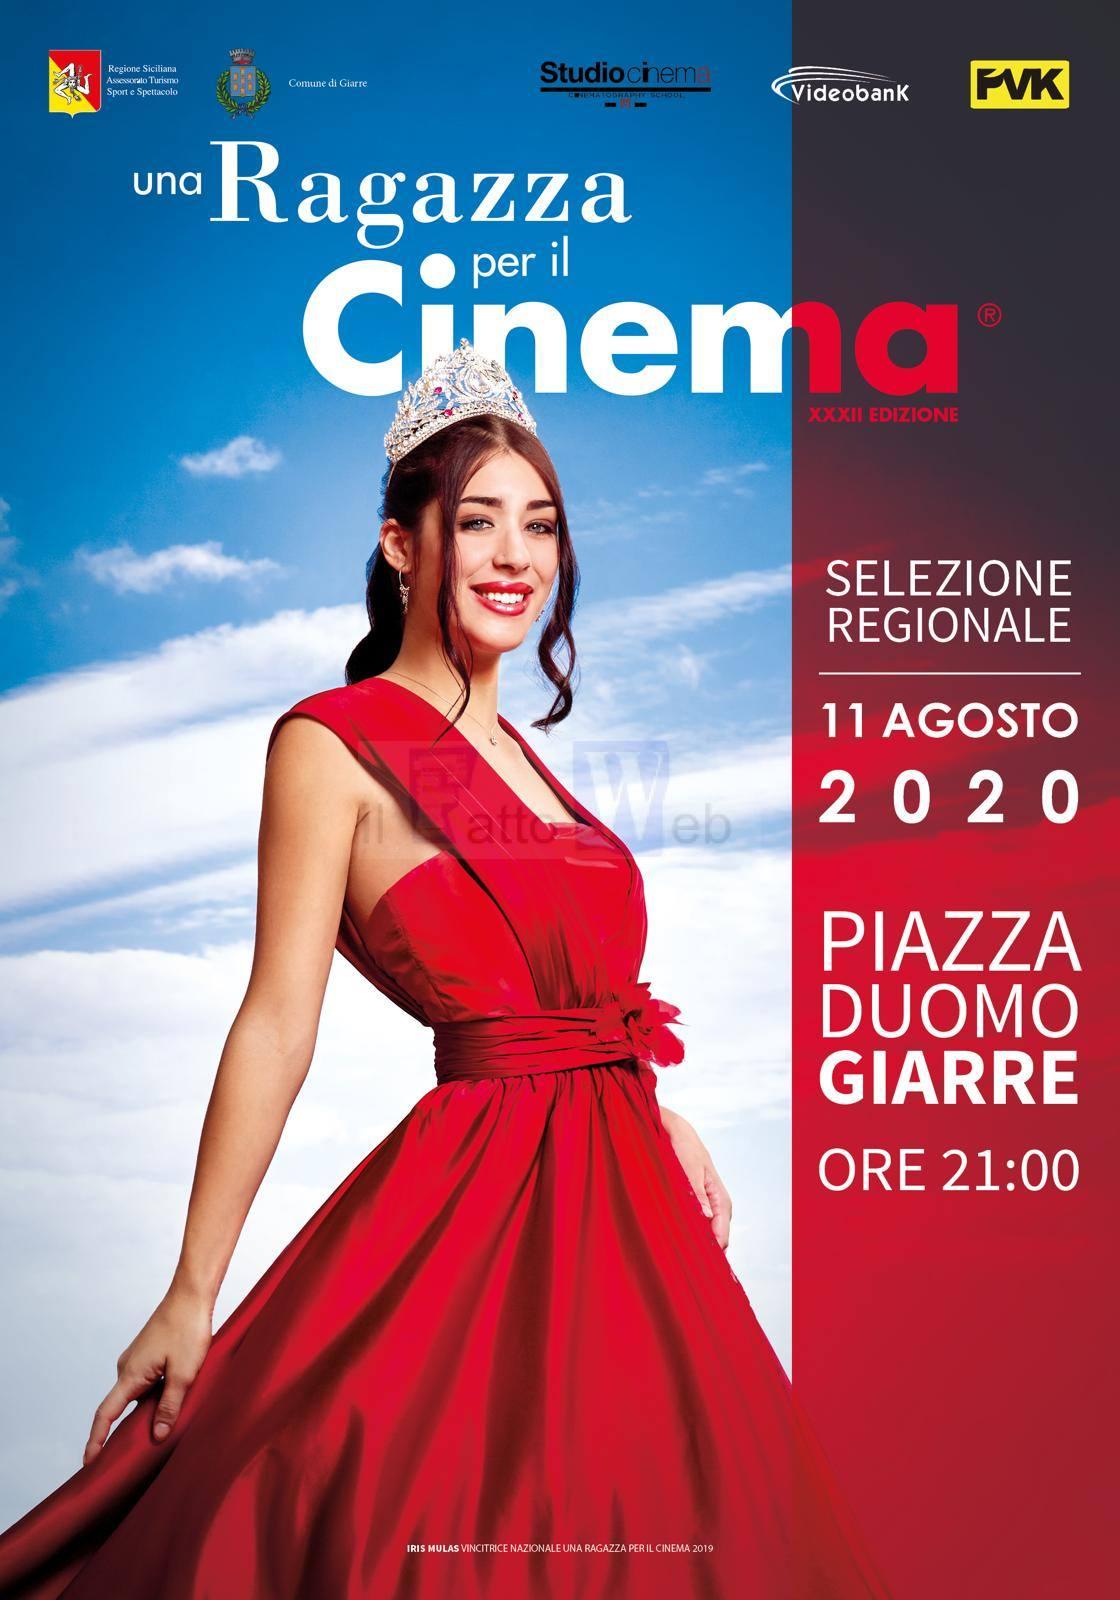 """SELEZIONI PER """"UNA RAGAZZA PER IL CINEMA"""", DOMANI 11 AGOSTO FARA' TAPPA A GIARRE"""